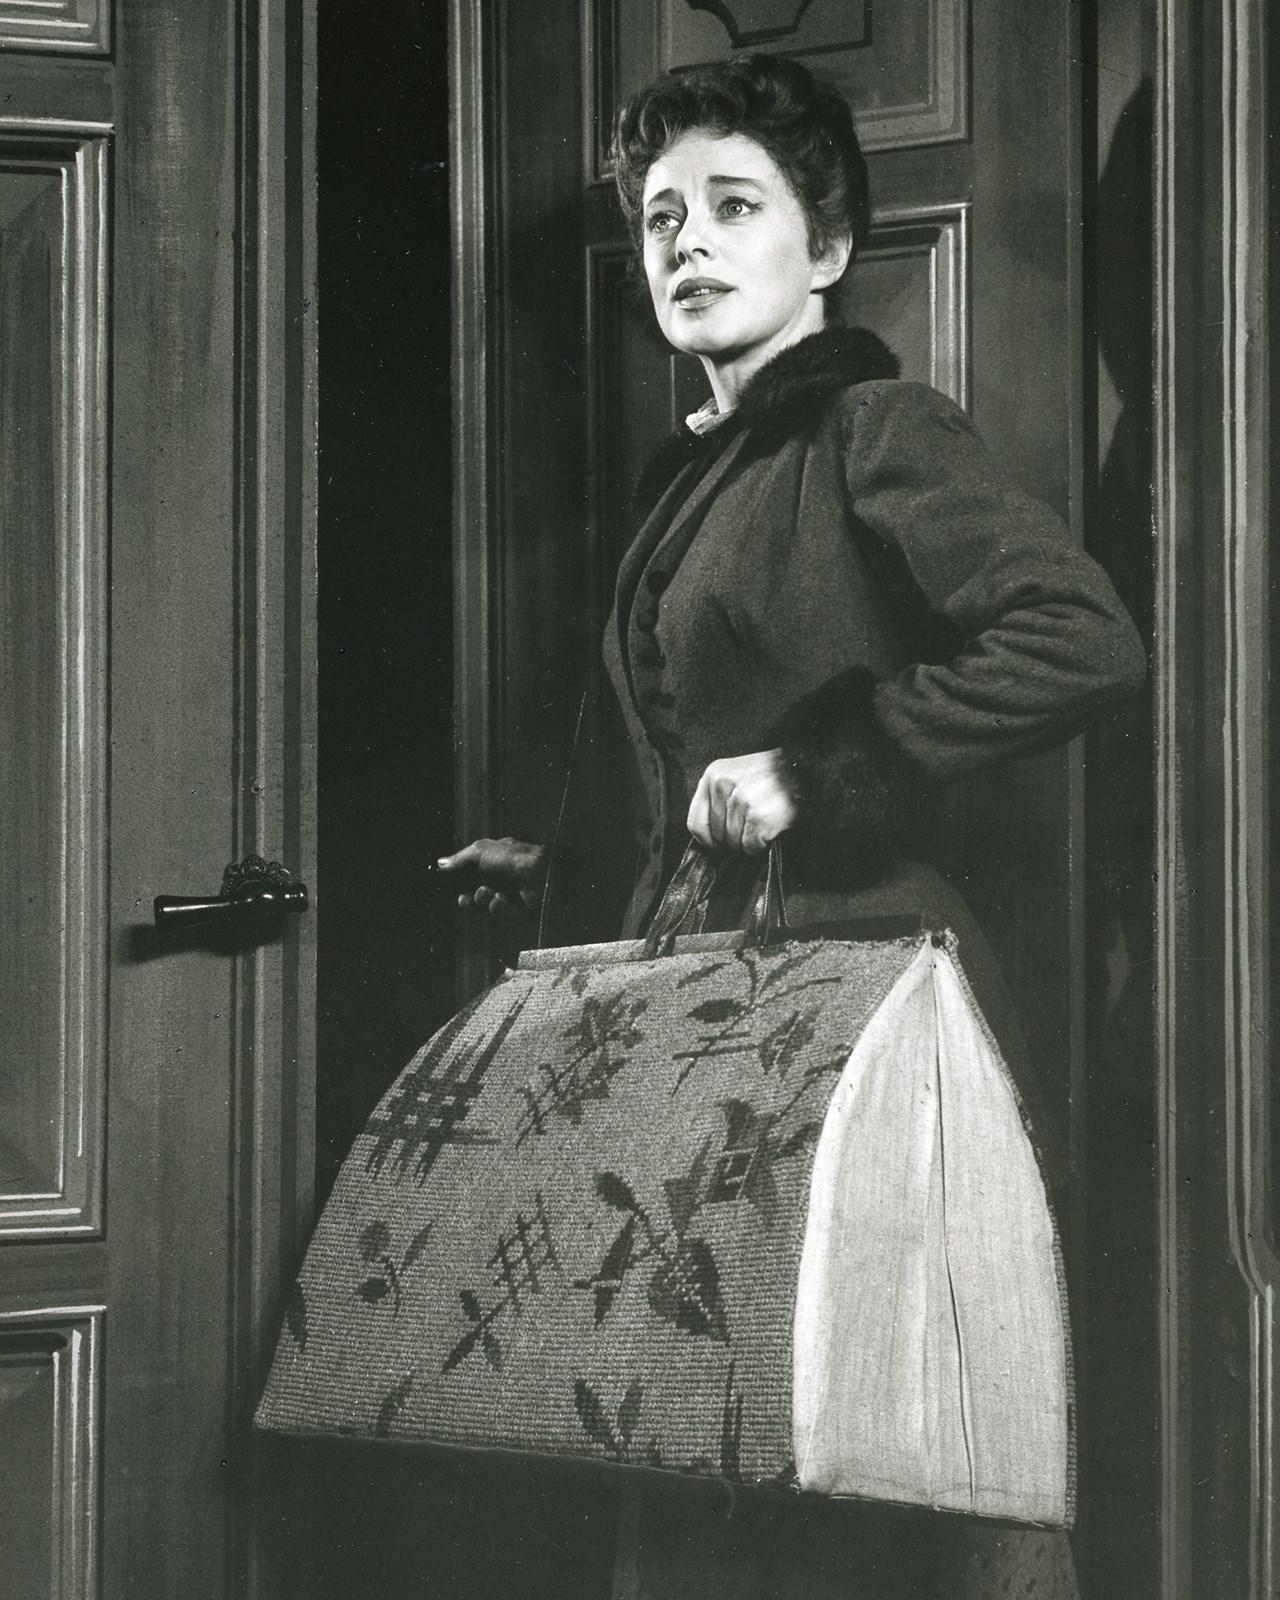 Et Dukkehjem (1959/60)